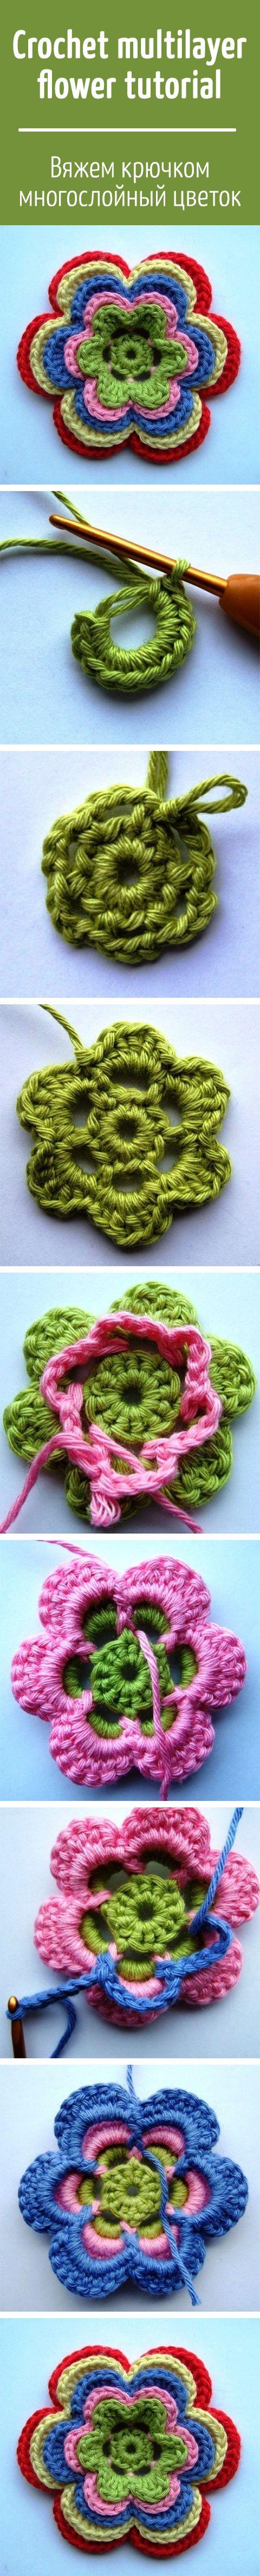 Crochet multilayer flower tutorial / Вяжем крючком многослойный цветок